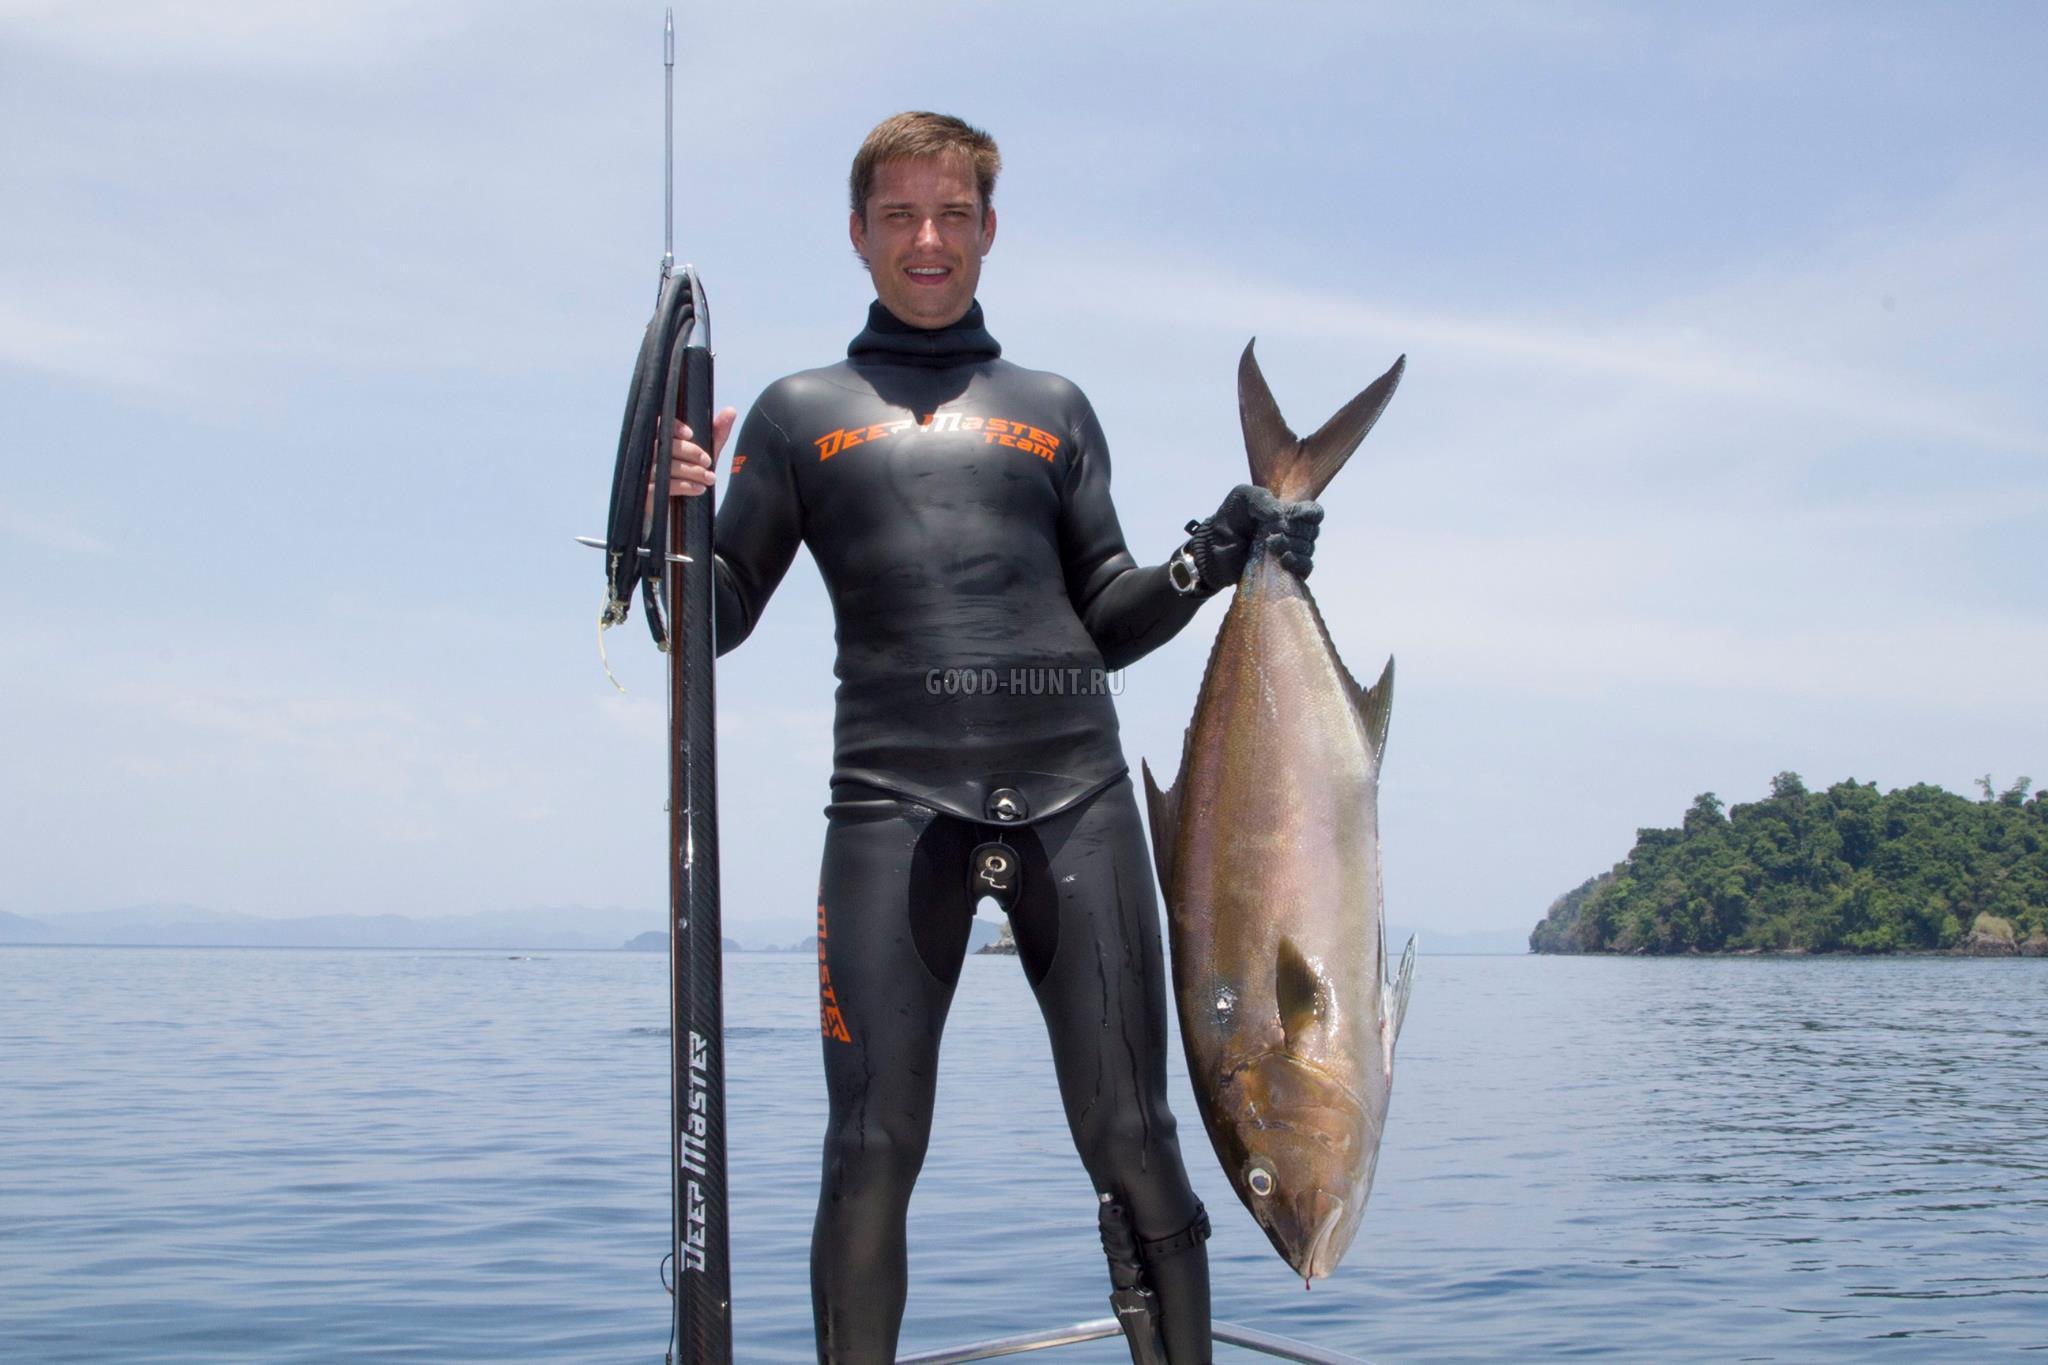 Охотник с огромным арбалетом и рыбой